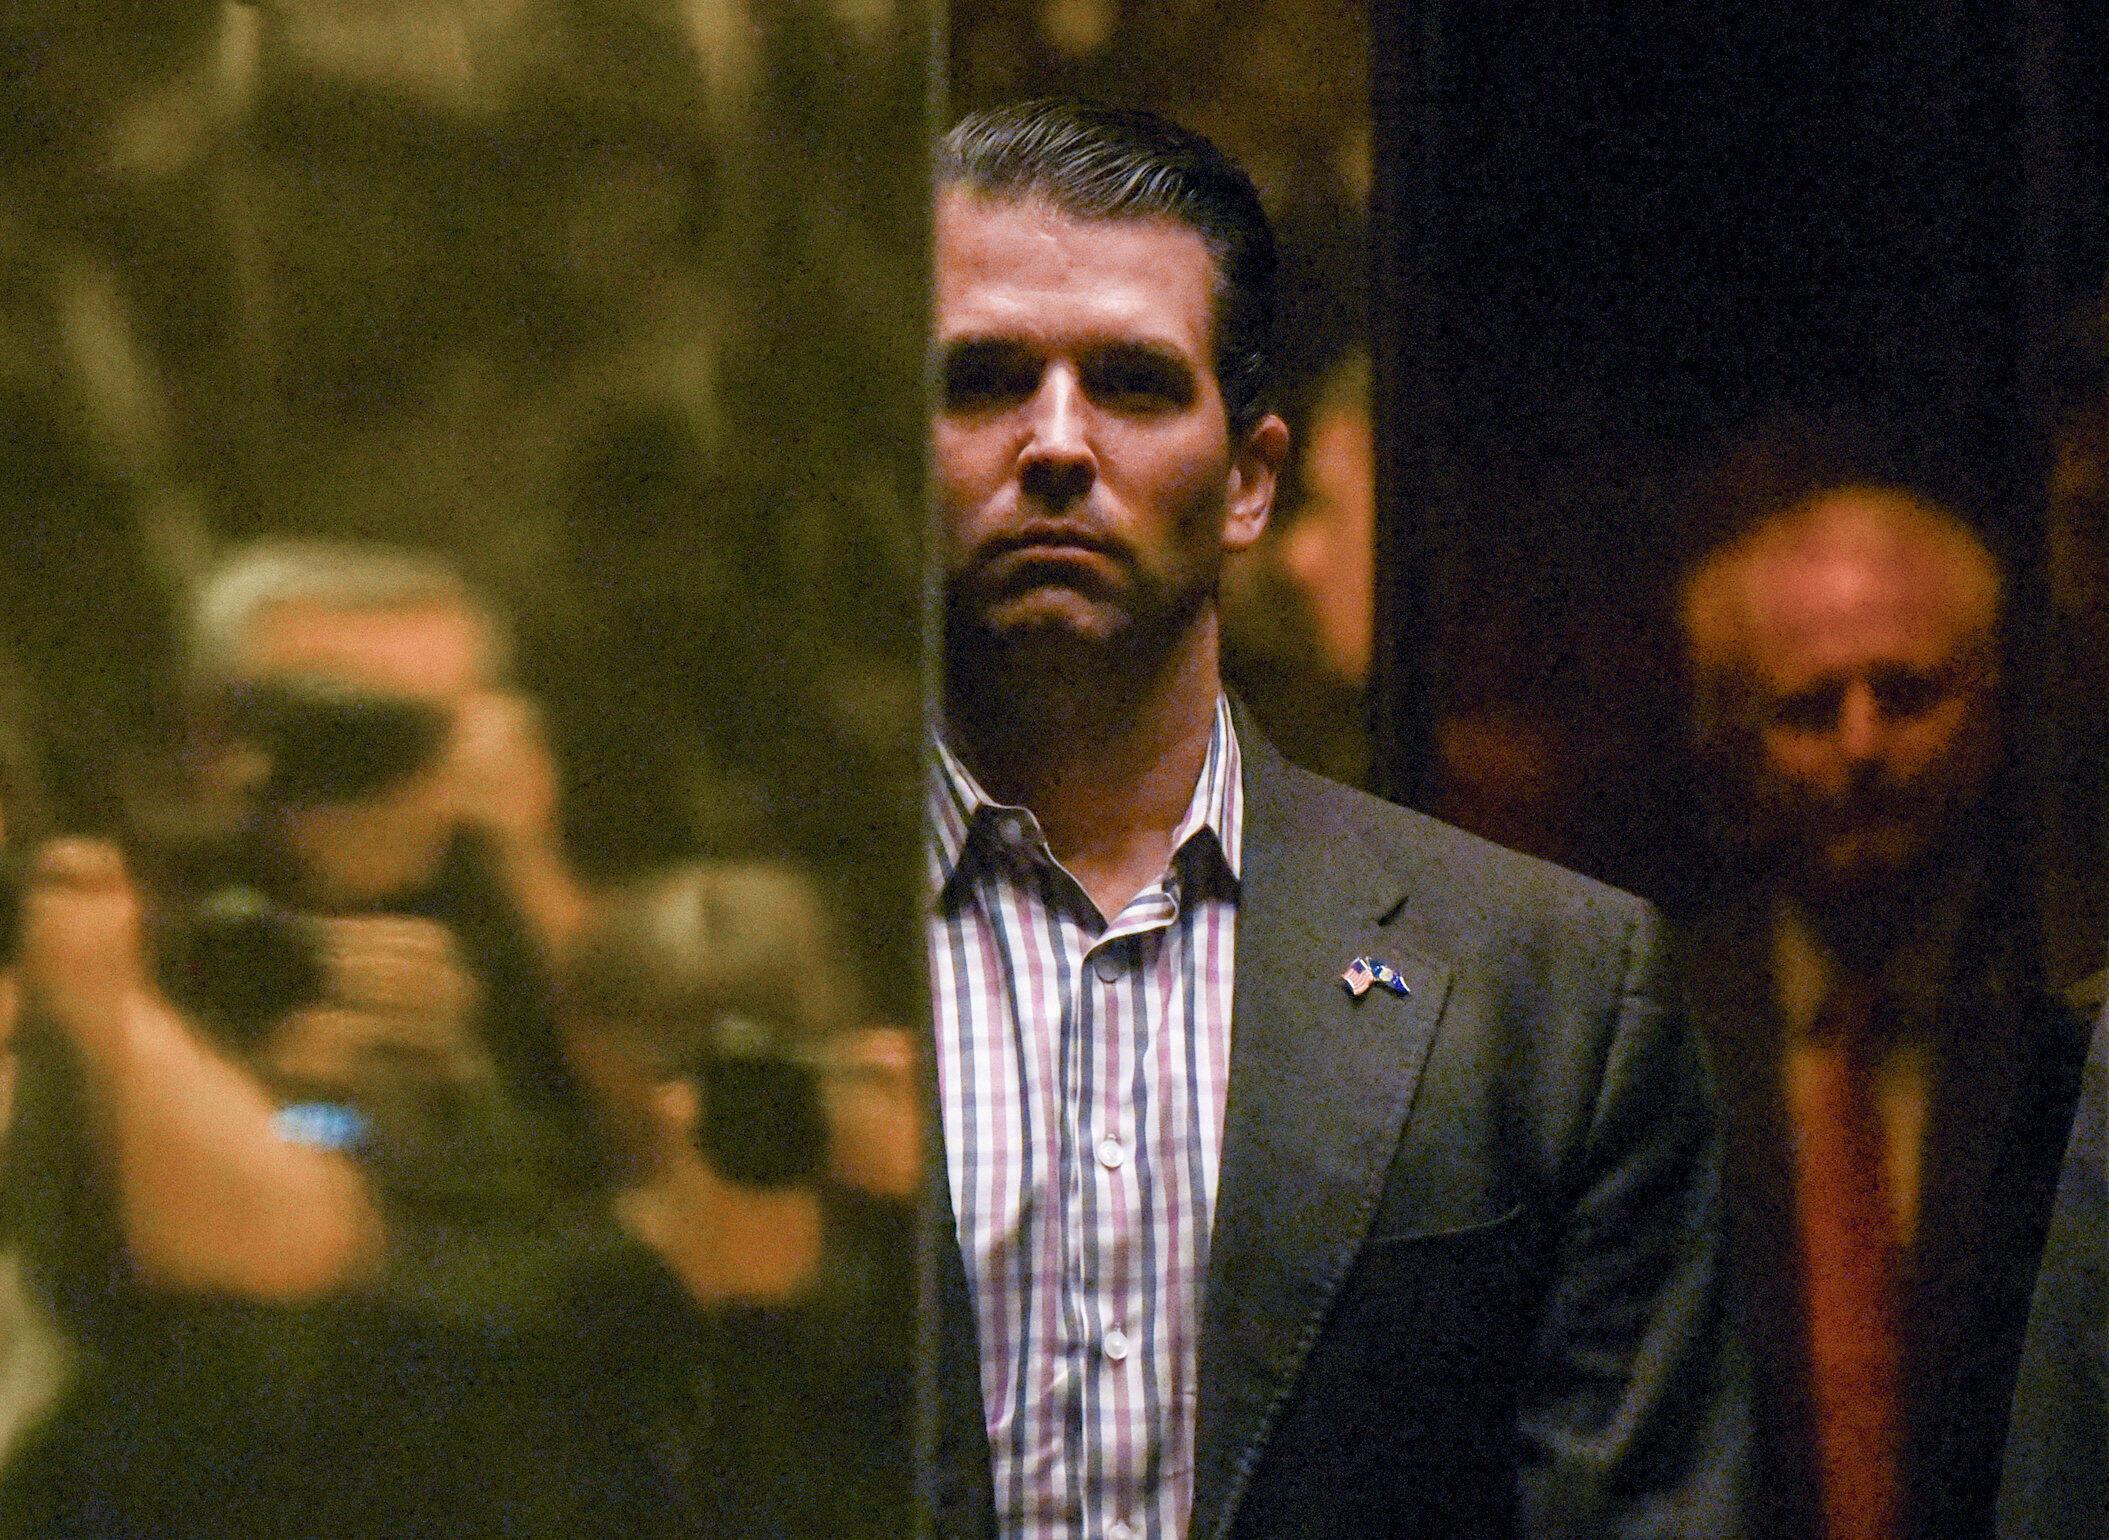 Ông Donald Trump Jr., con trai tổng thống Mỹ, đến tòa Tháp Trump tại New York, ngày 18/01/2017.